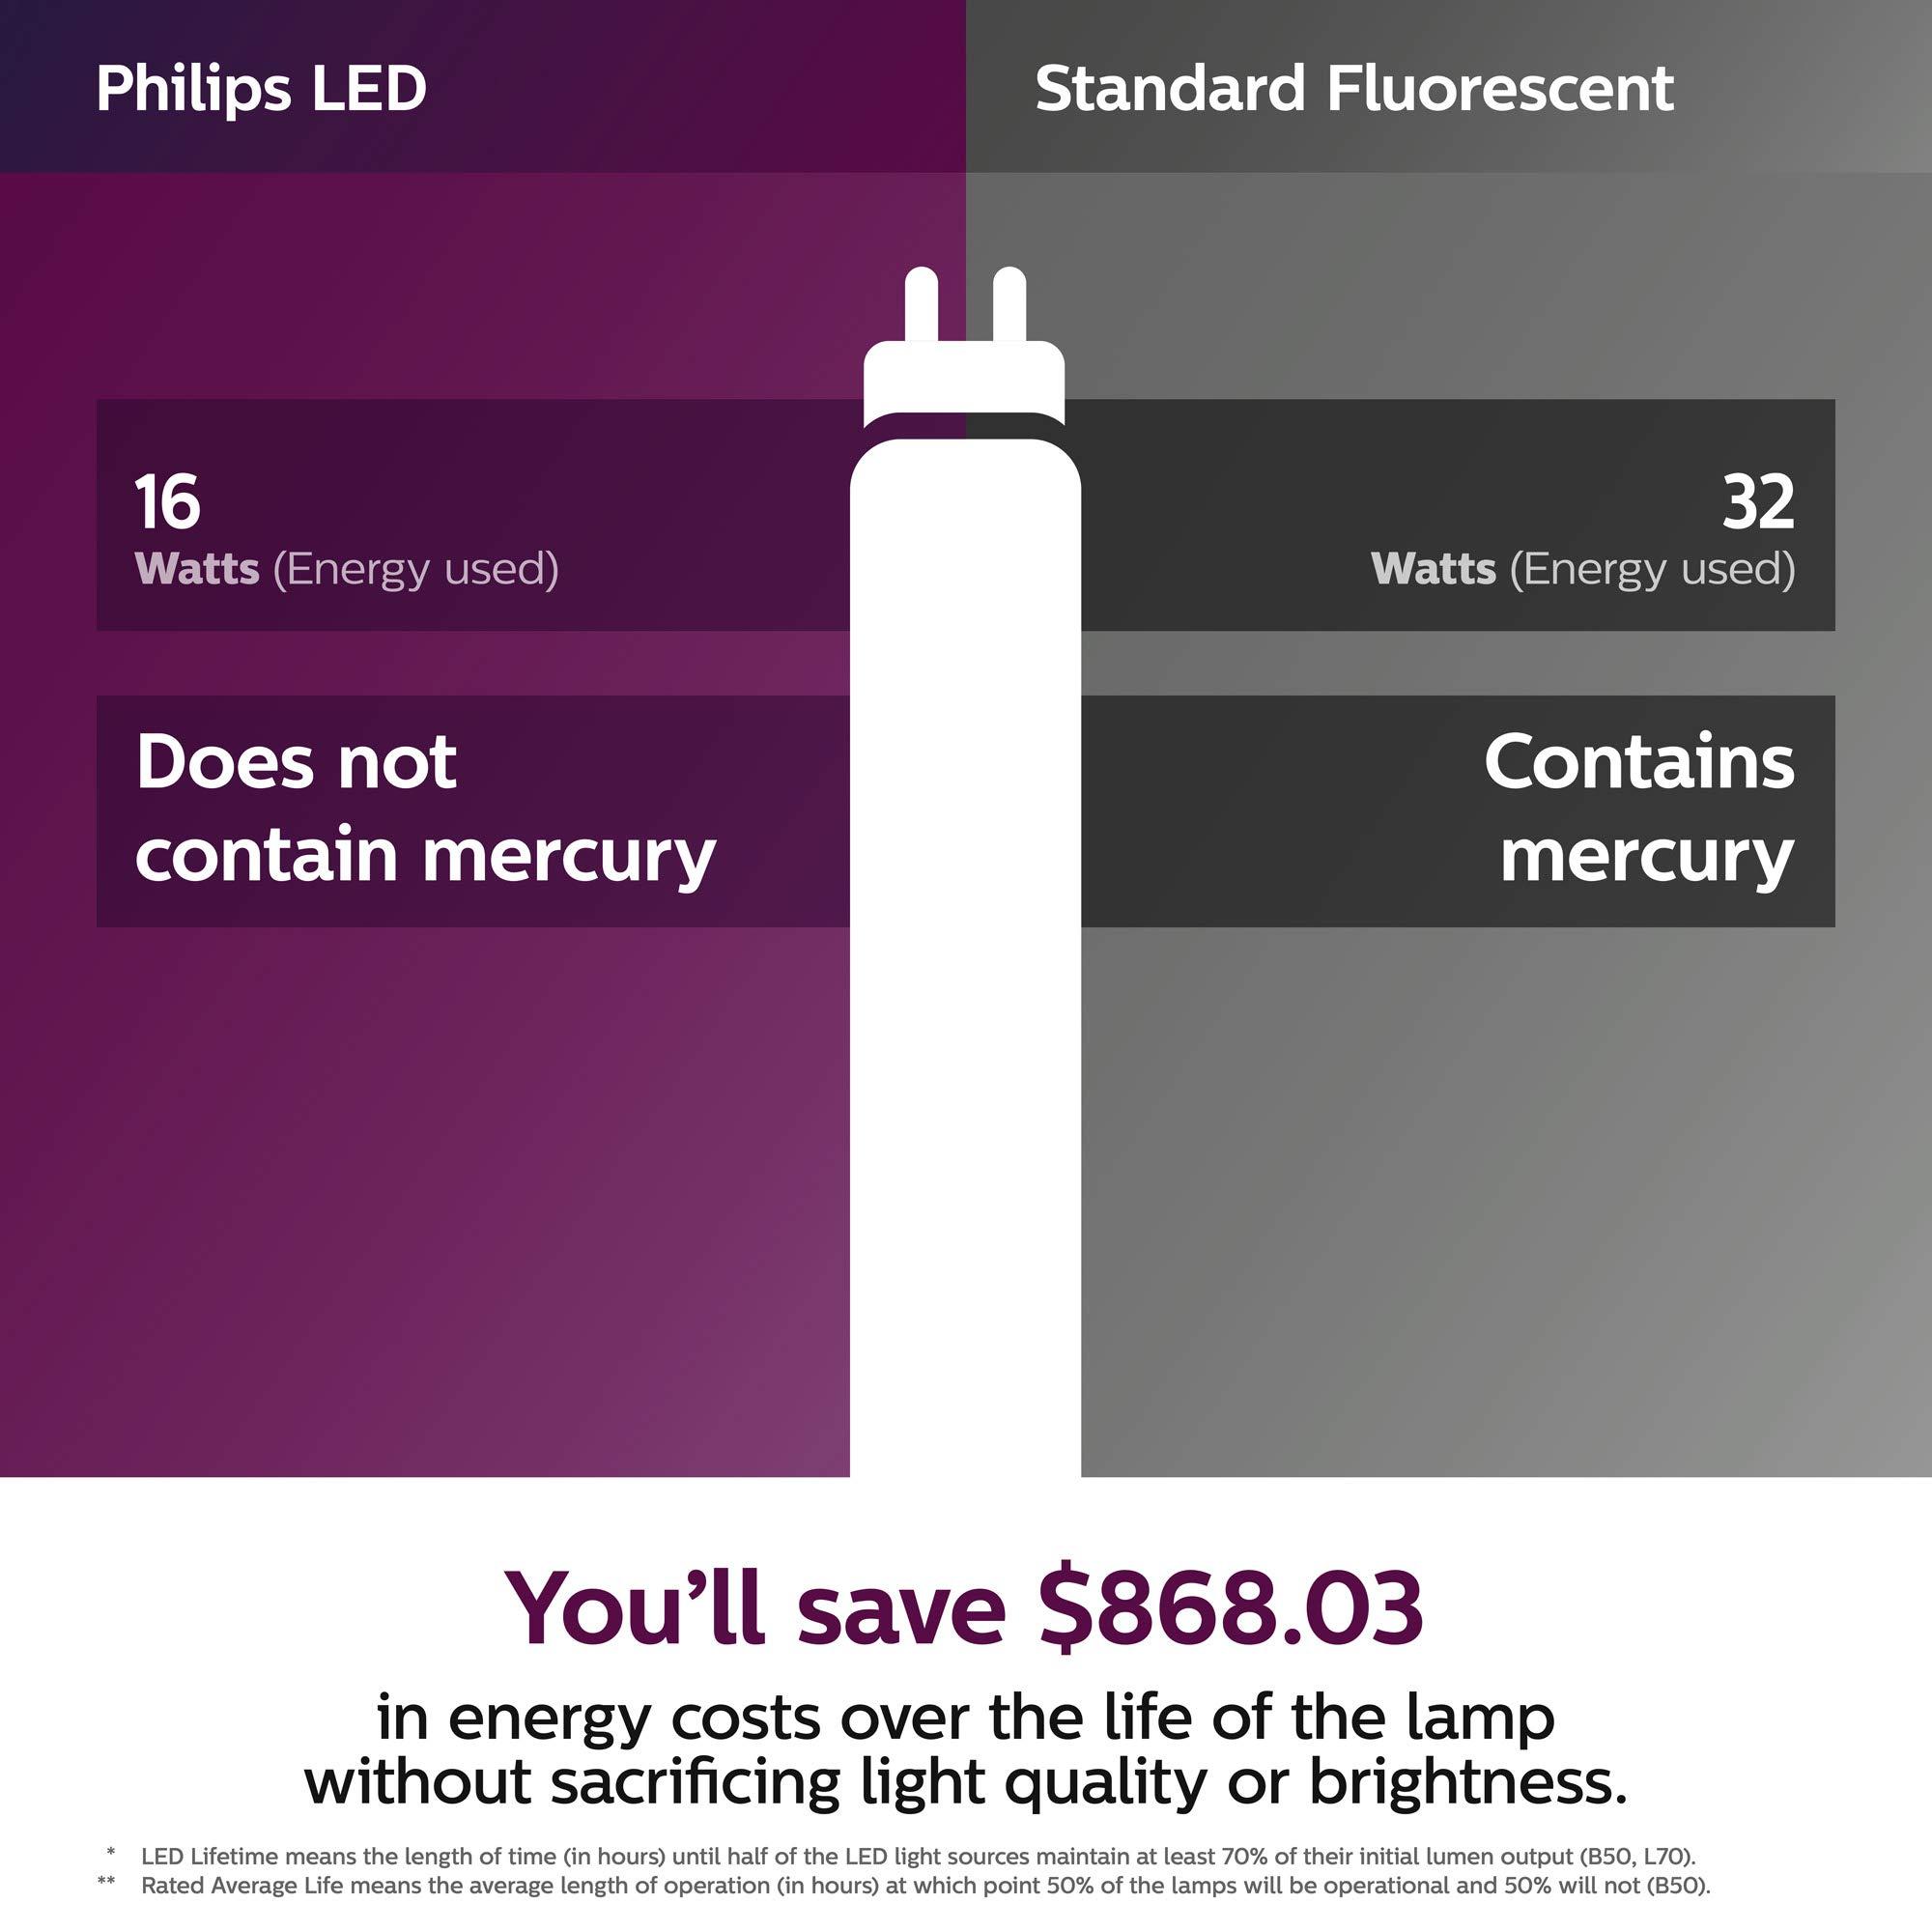 Philips LED InstantFit 4-Foot T8 Tube Light Bulb 1800-Lumen, 4000-Kelvin, 16 (32-Watt Equivalent), Medium Bi-Pin G13 Base, Cool White, 8 Pack, 544247, 4000 Kelvin, 8 Piece by PHILIPS (Image #3)